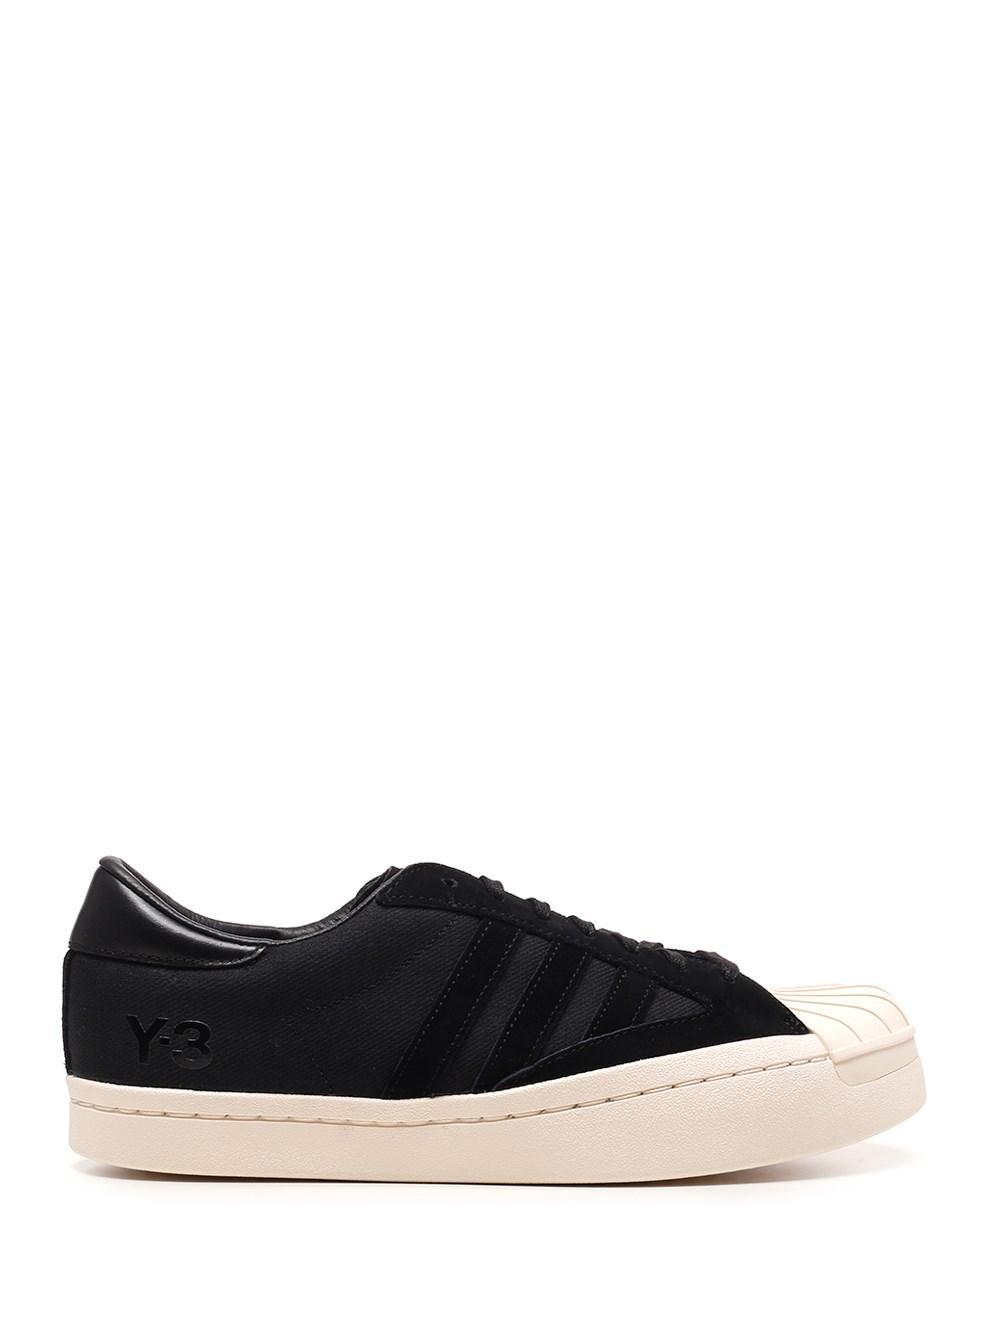 """ADIDAS Y-3 """"Y-3 Yohji Star"""" Sneakers"""